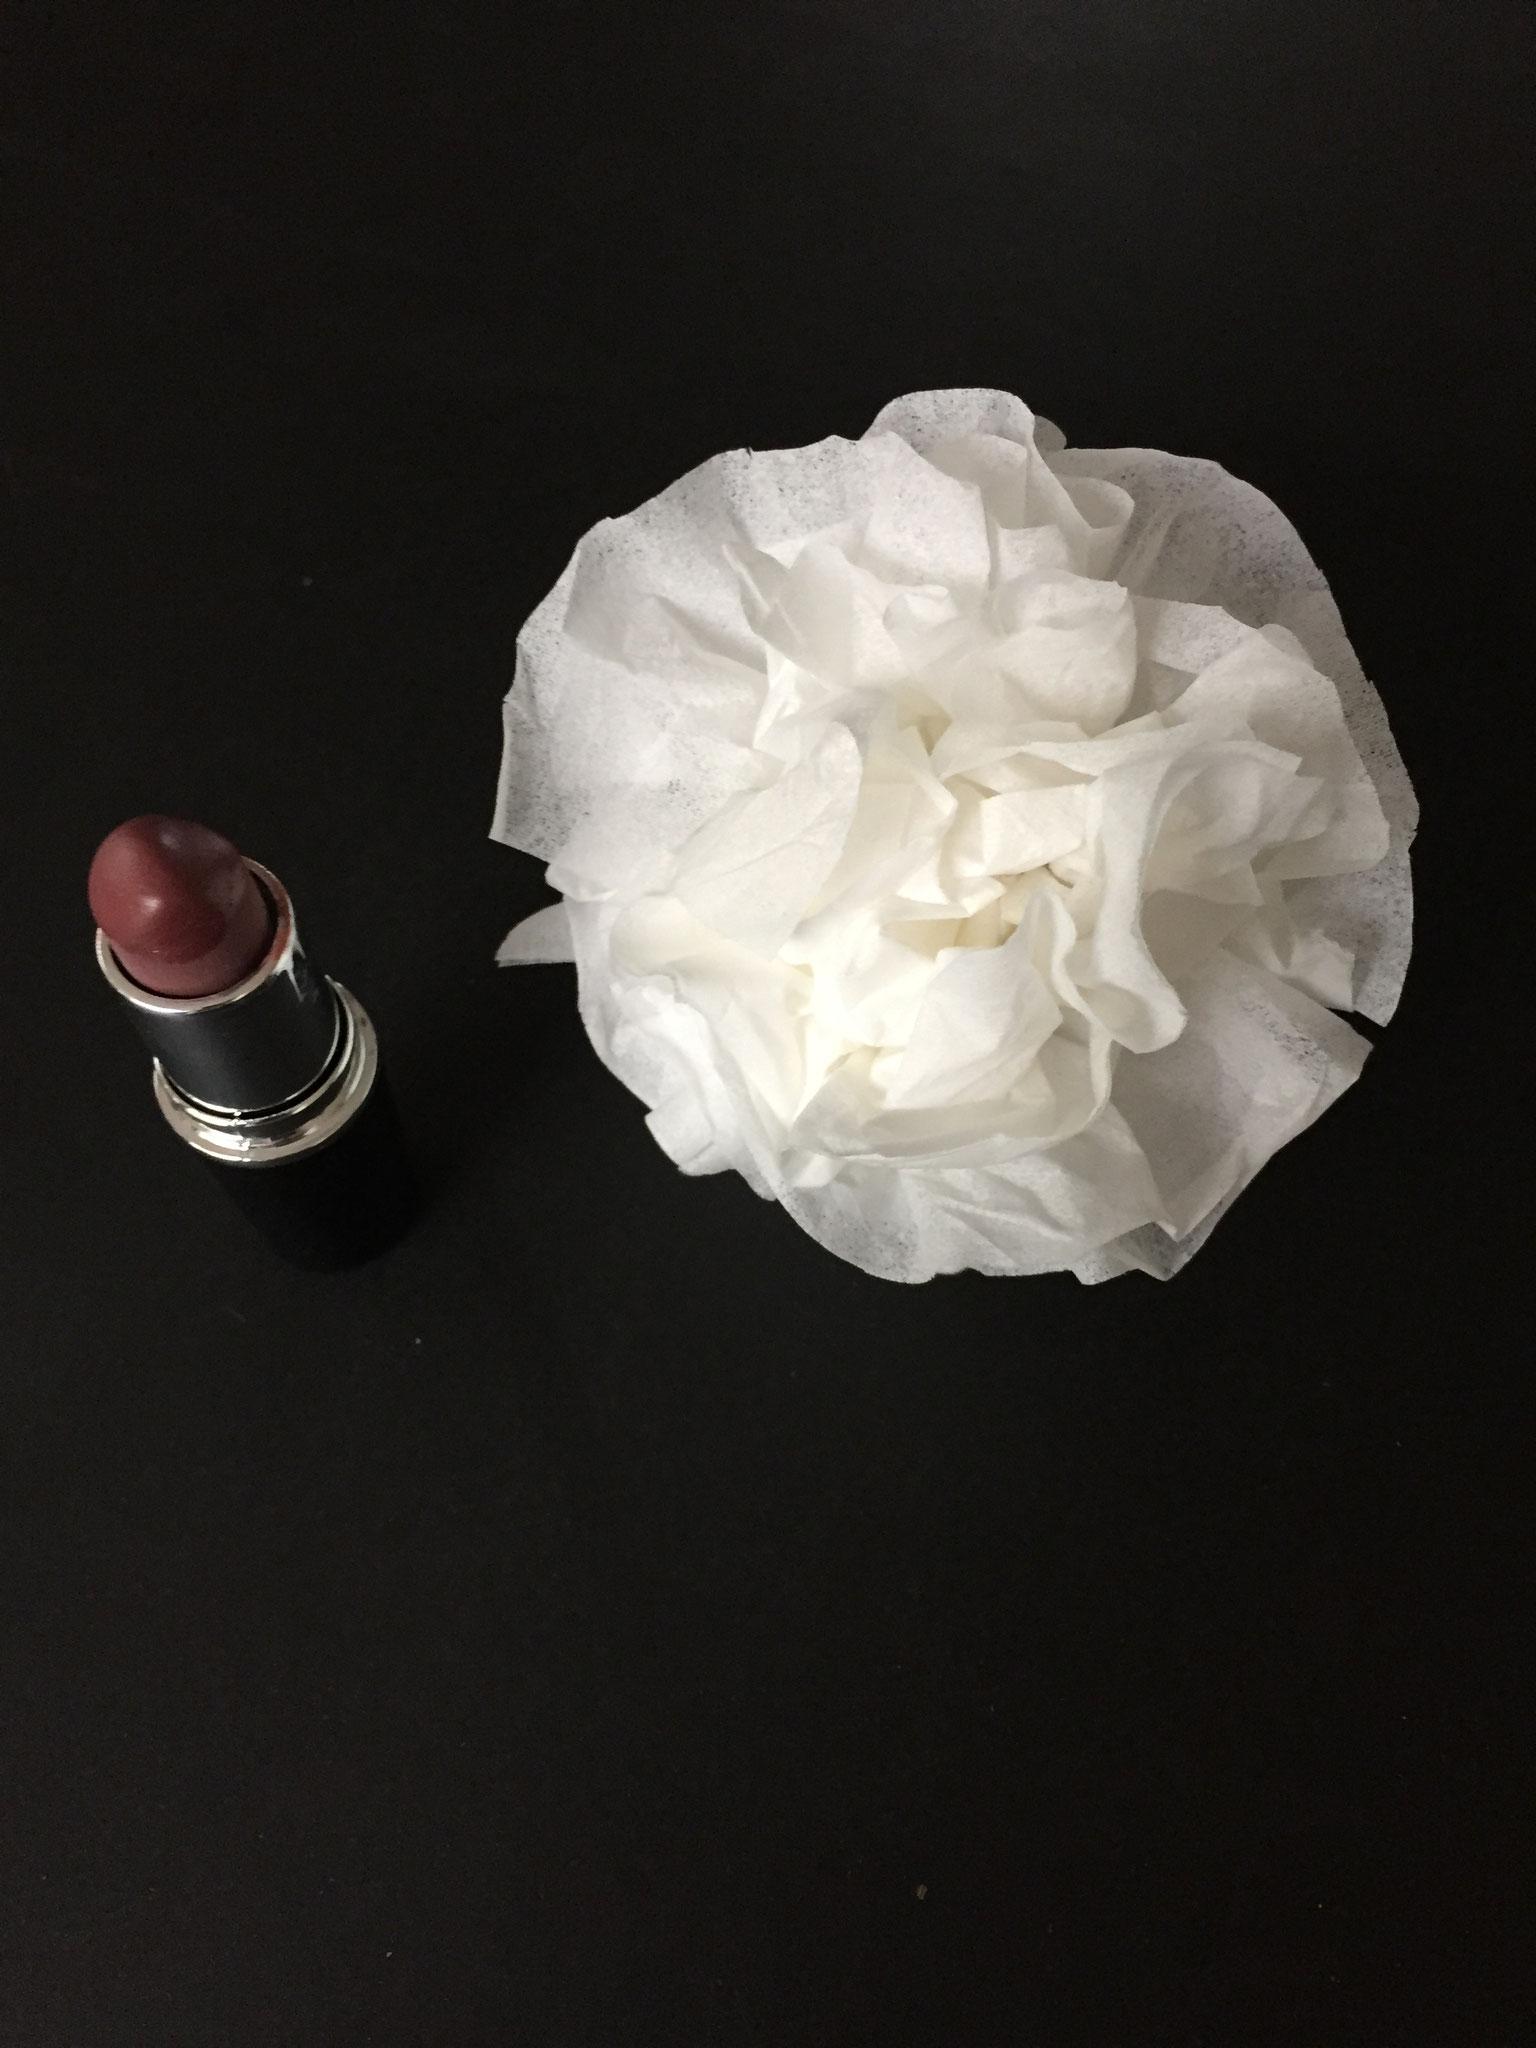 Du zupfst alles schön rund. Du fährst mit dem Lippenstift über die Blüten- Blätter.